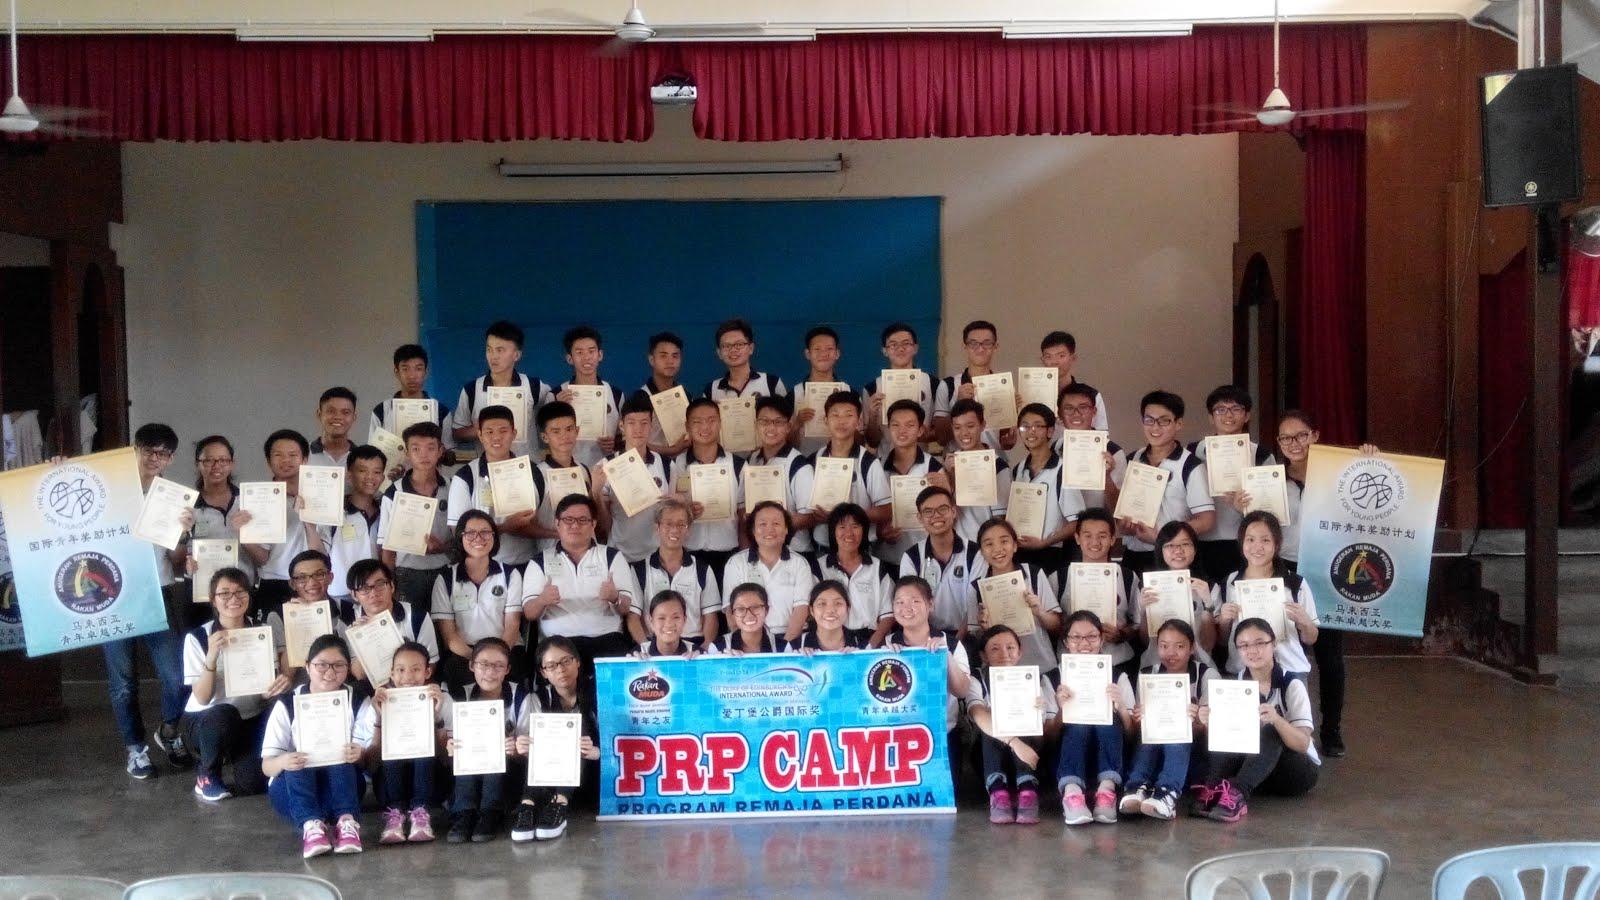 PRP集训营-爱大华6月/2016